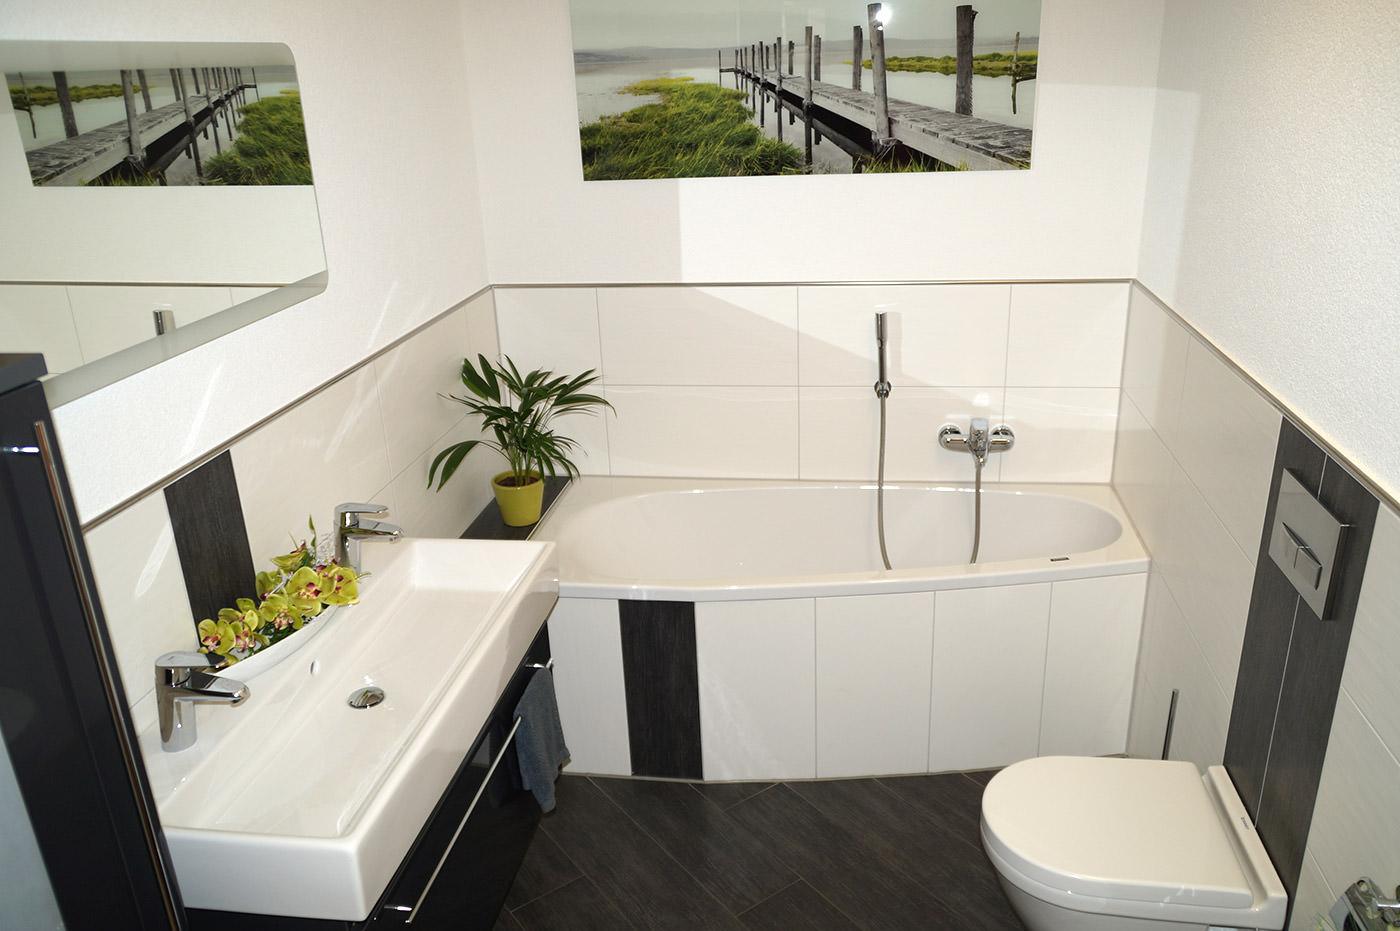 badausstellung bremen bad sanit r webnside com. Black Bedroom Furniture Sets. Home Design Ideas